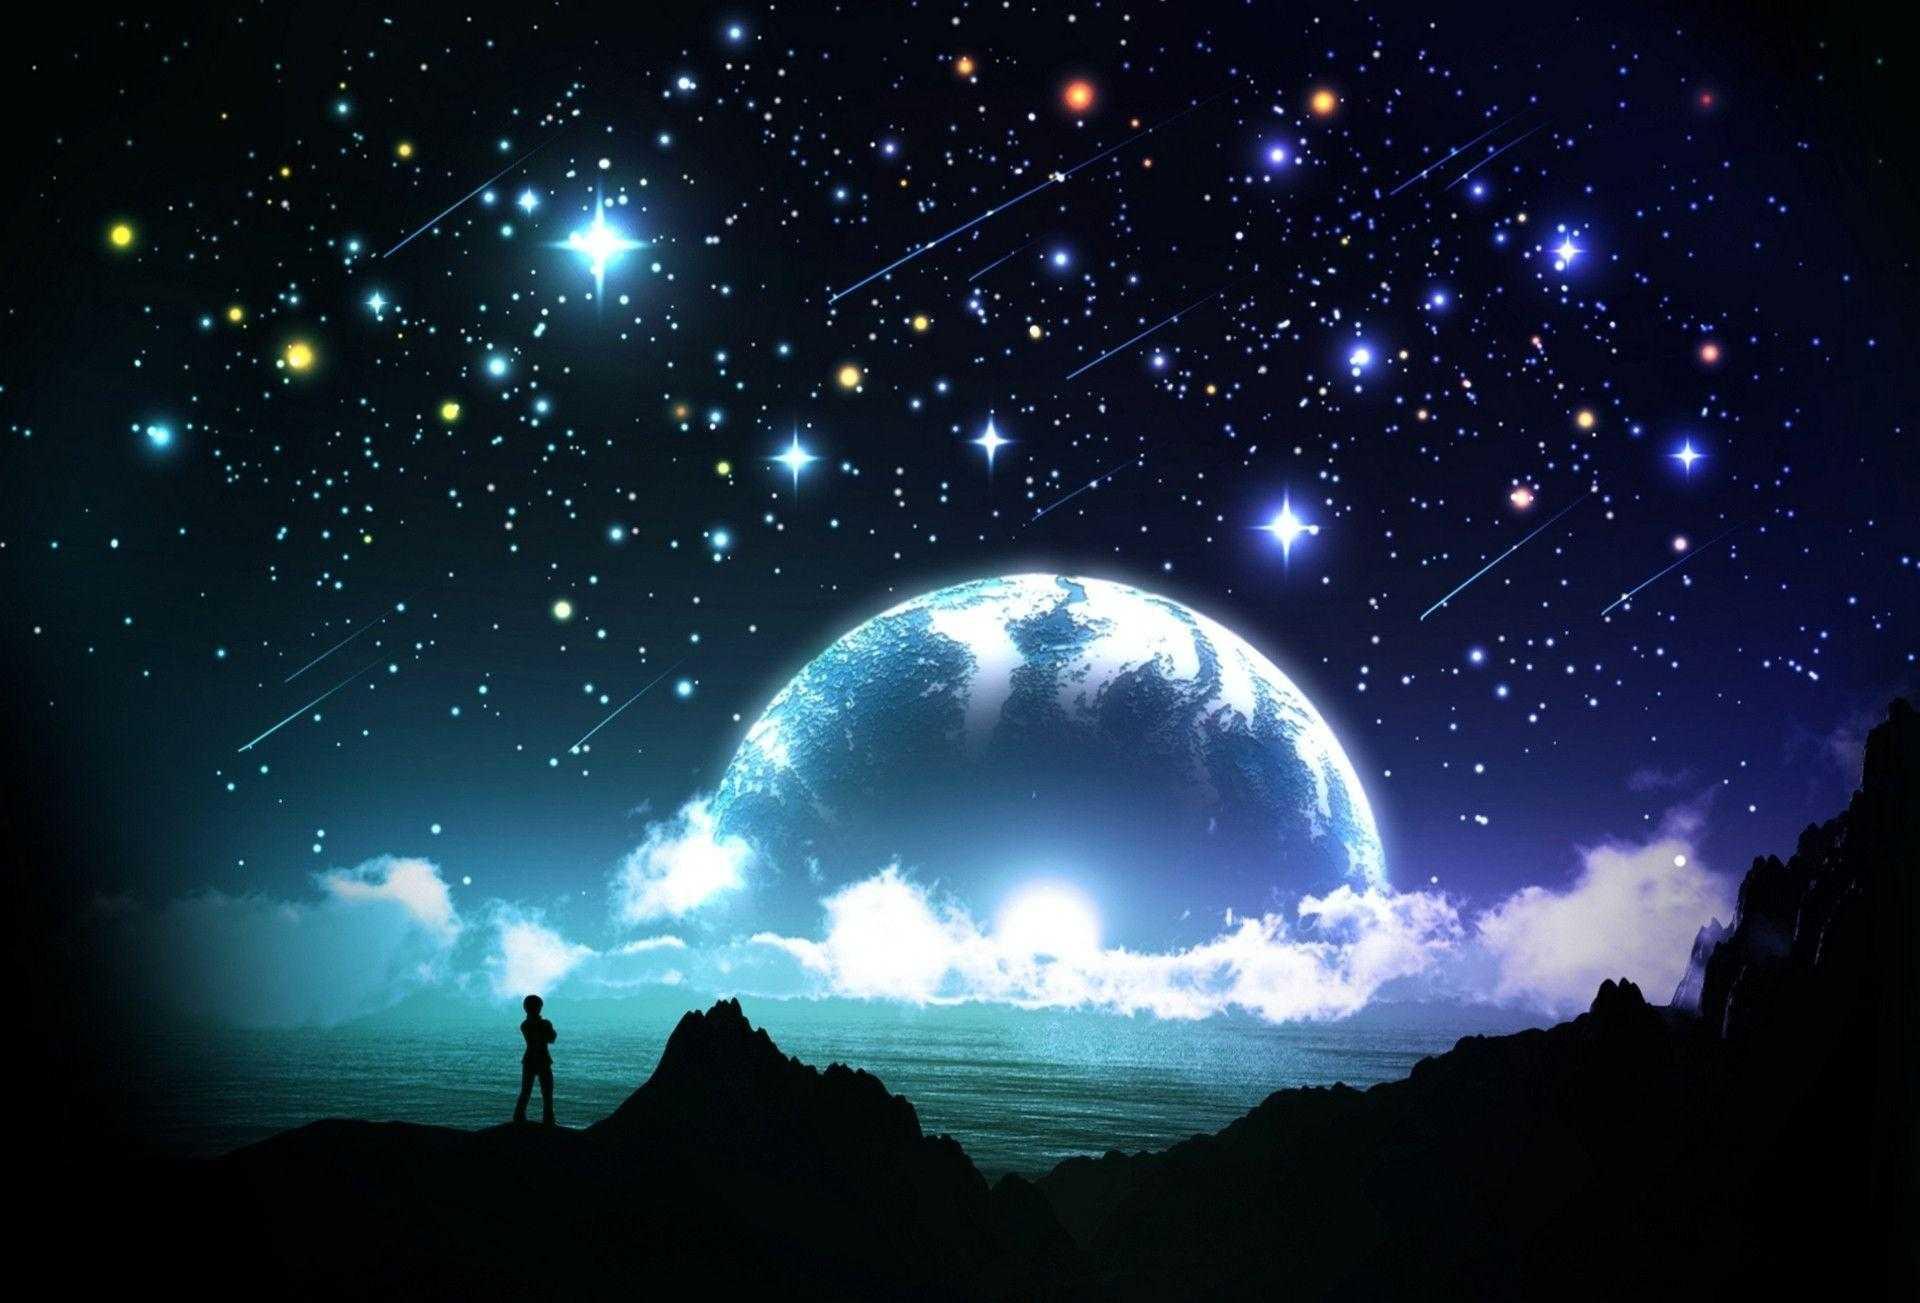 Night Sky Wallpaper Enjpg